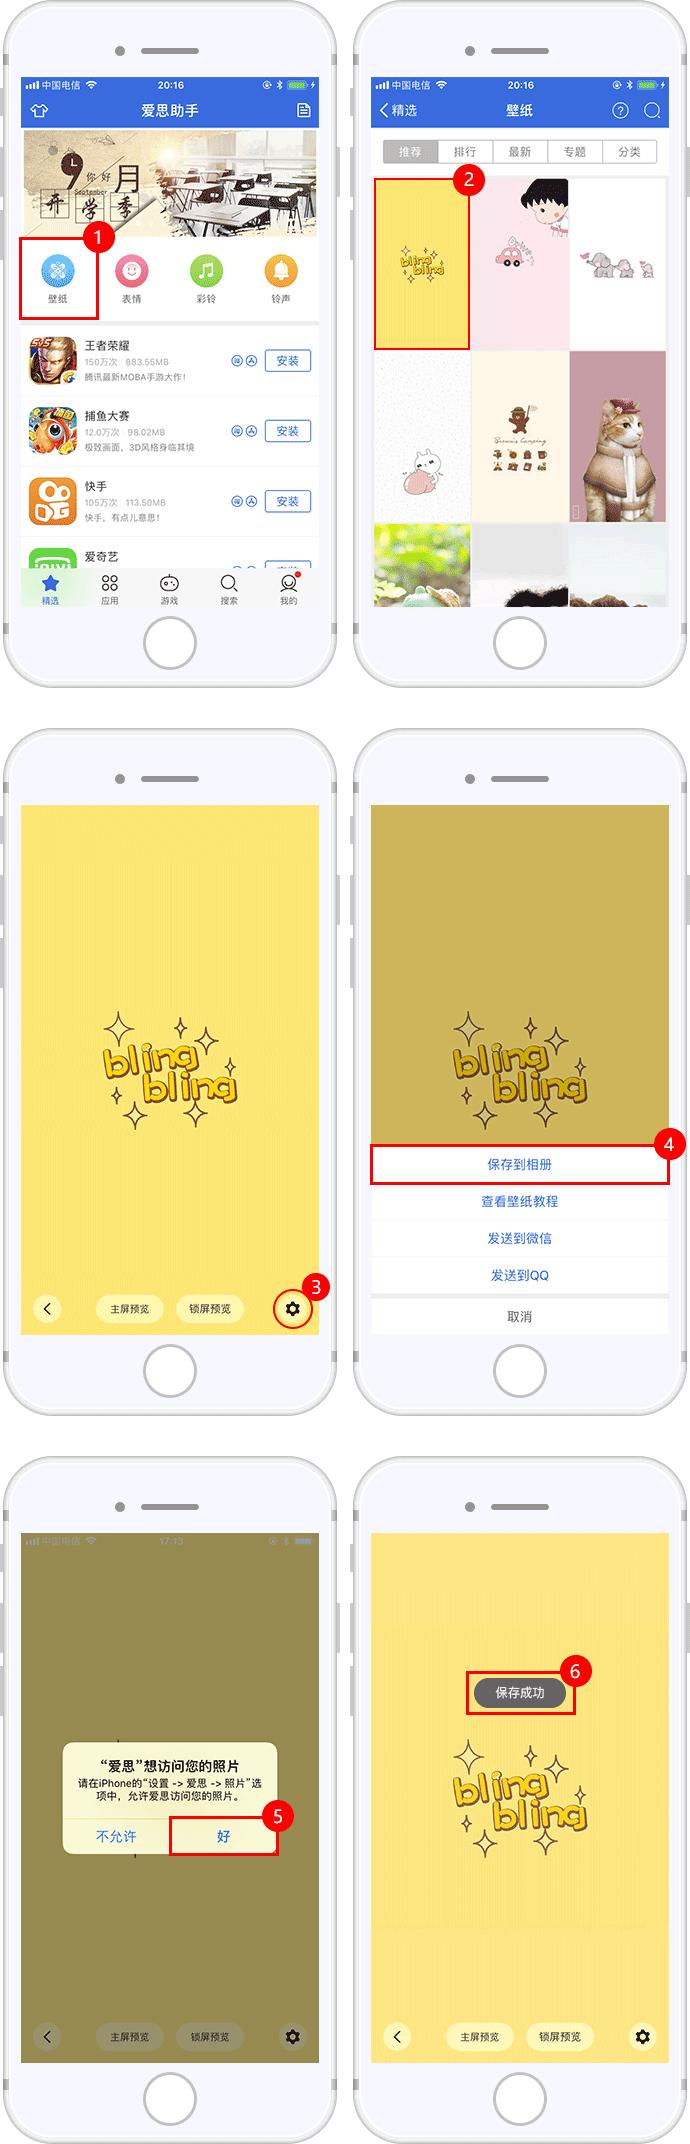 iPhoneX下载及设置壁纸的教程